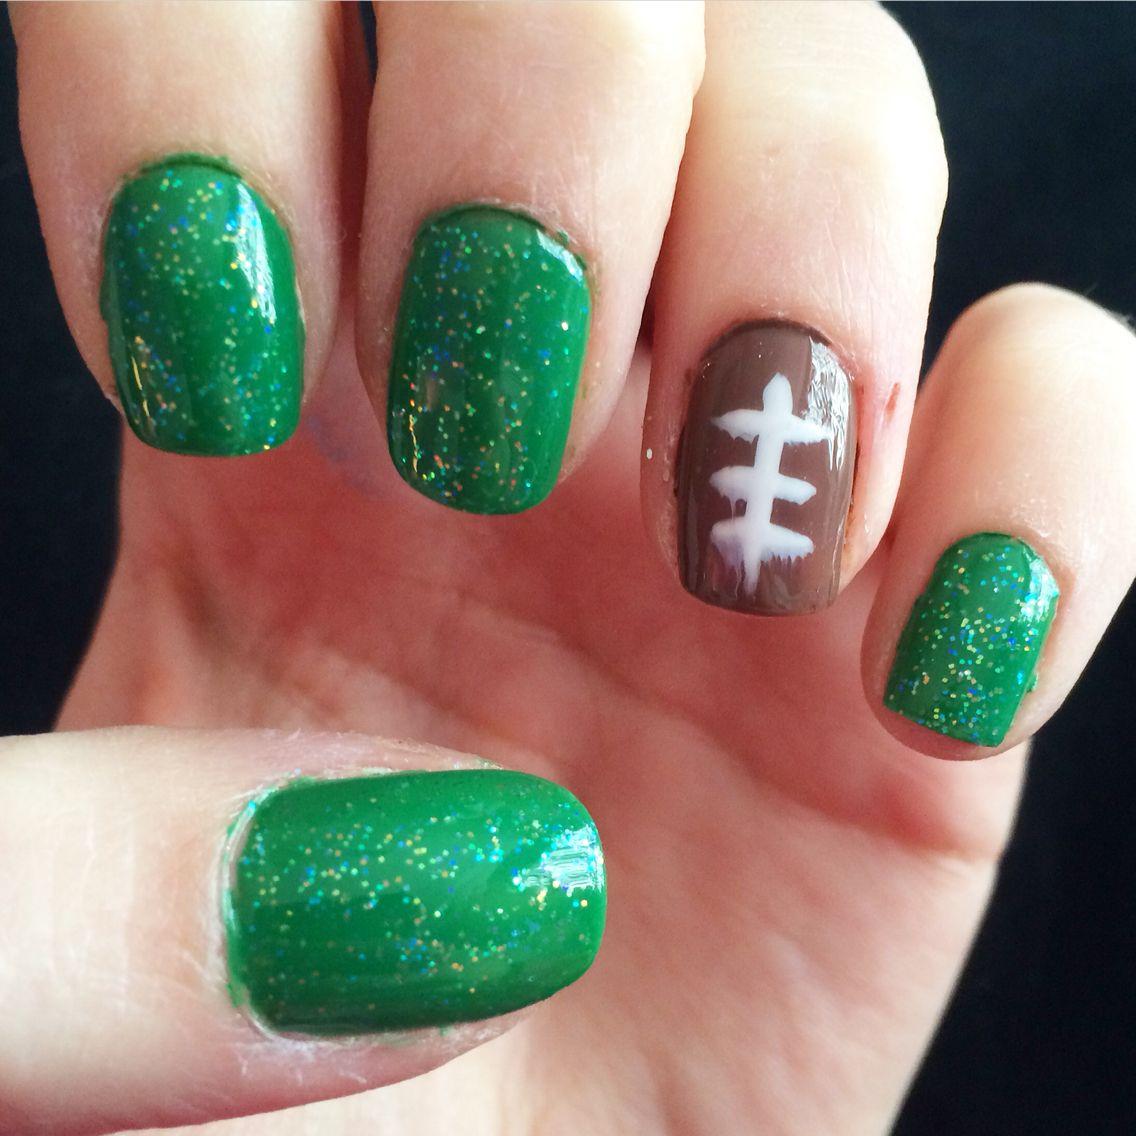 Super bowl Sunday / football nails  #mani #nails #foodball #Superbowl #nailsbyjade